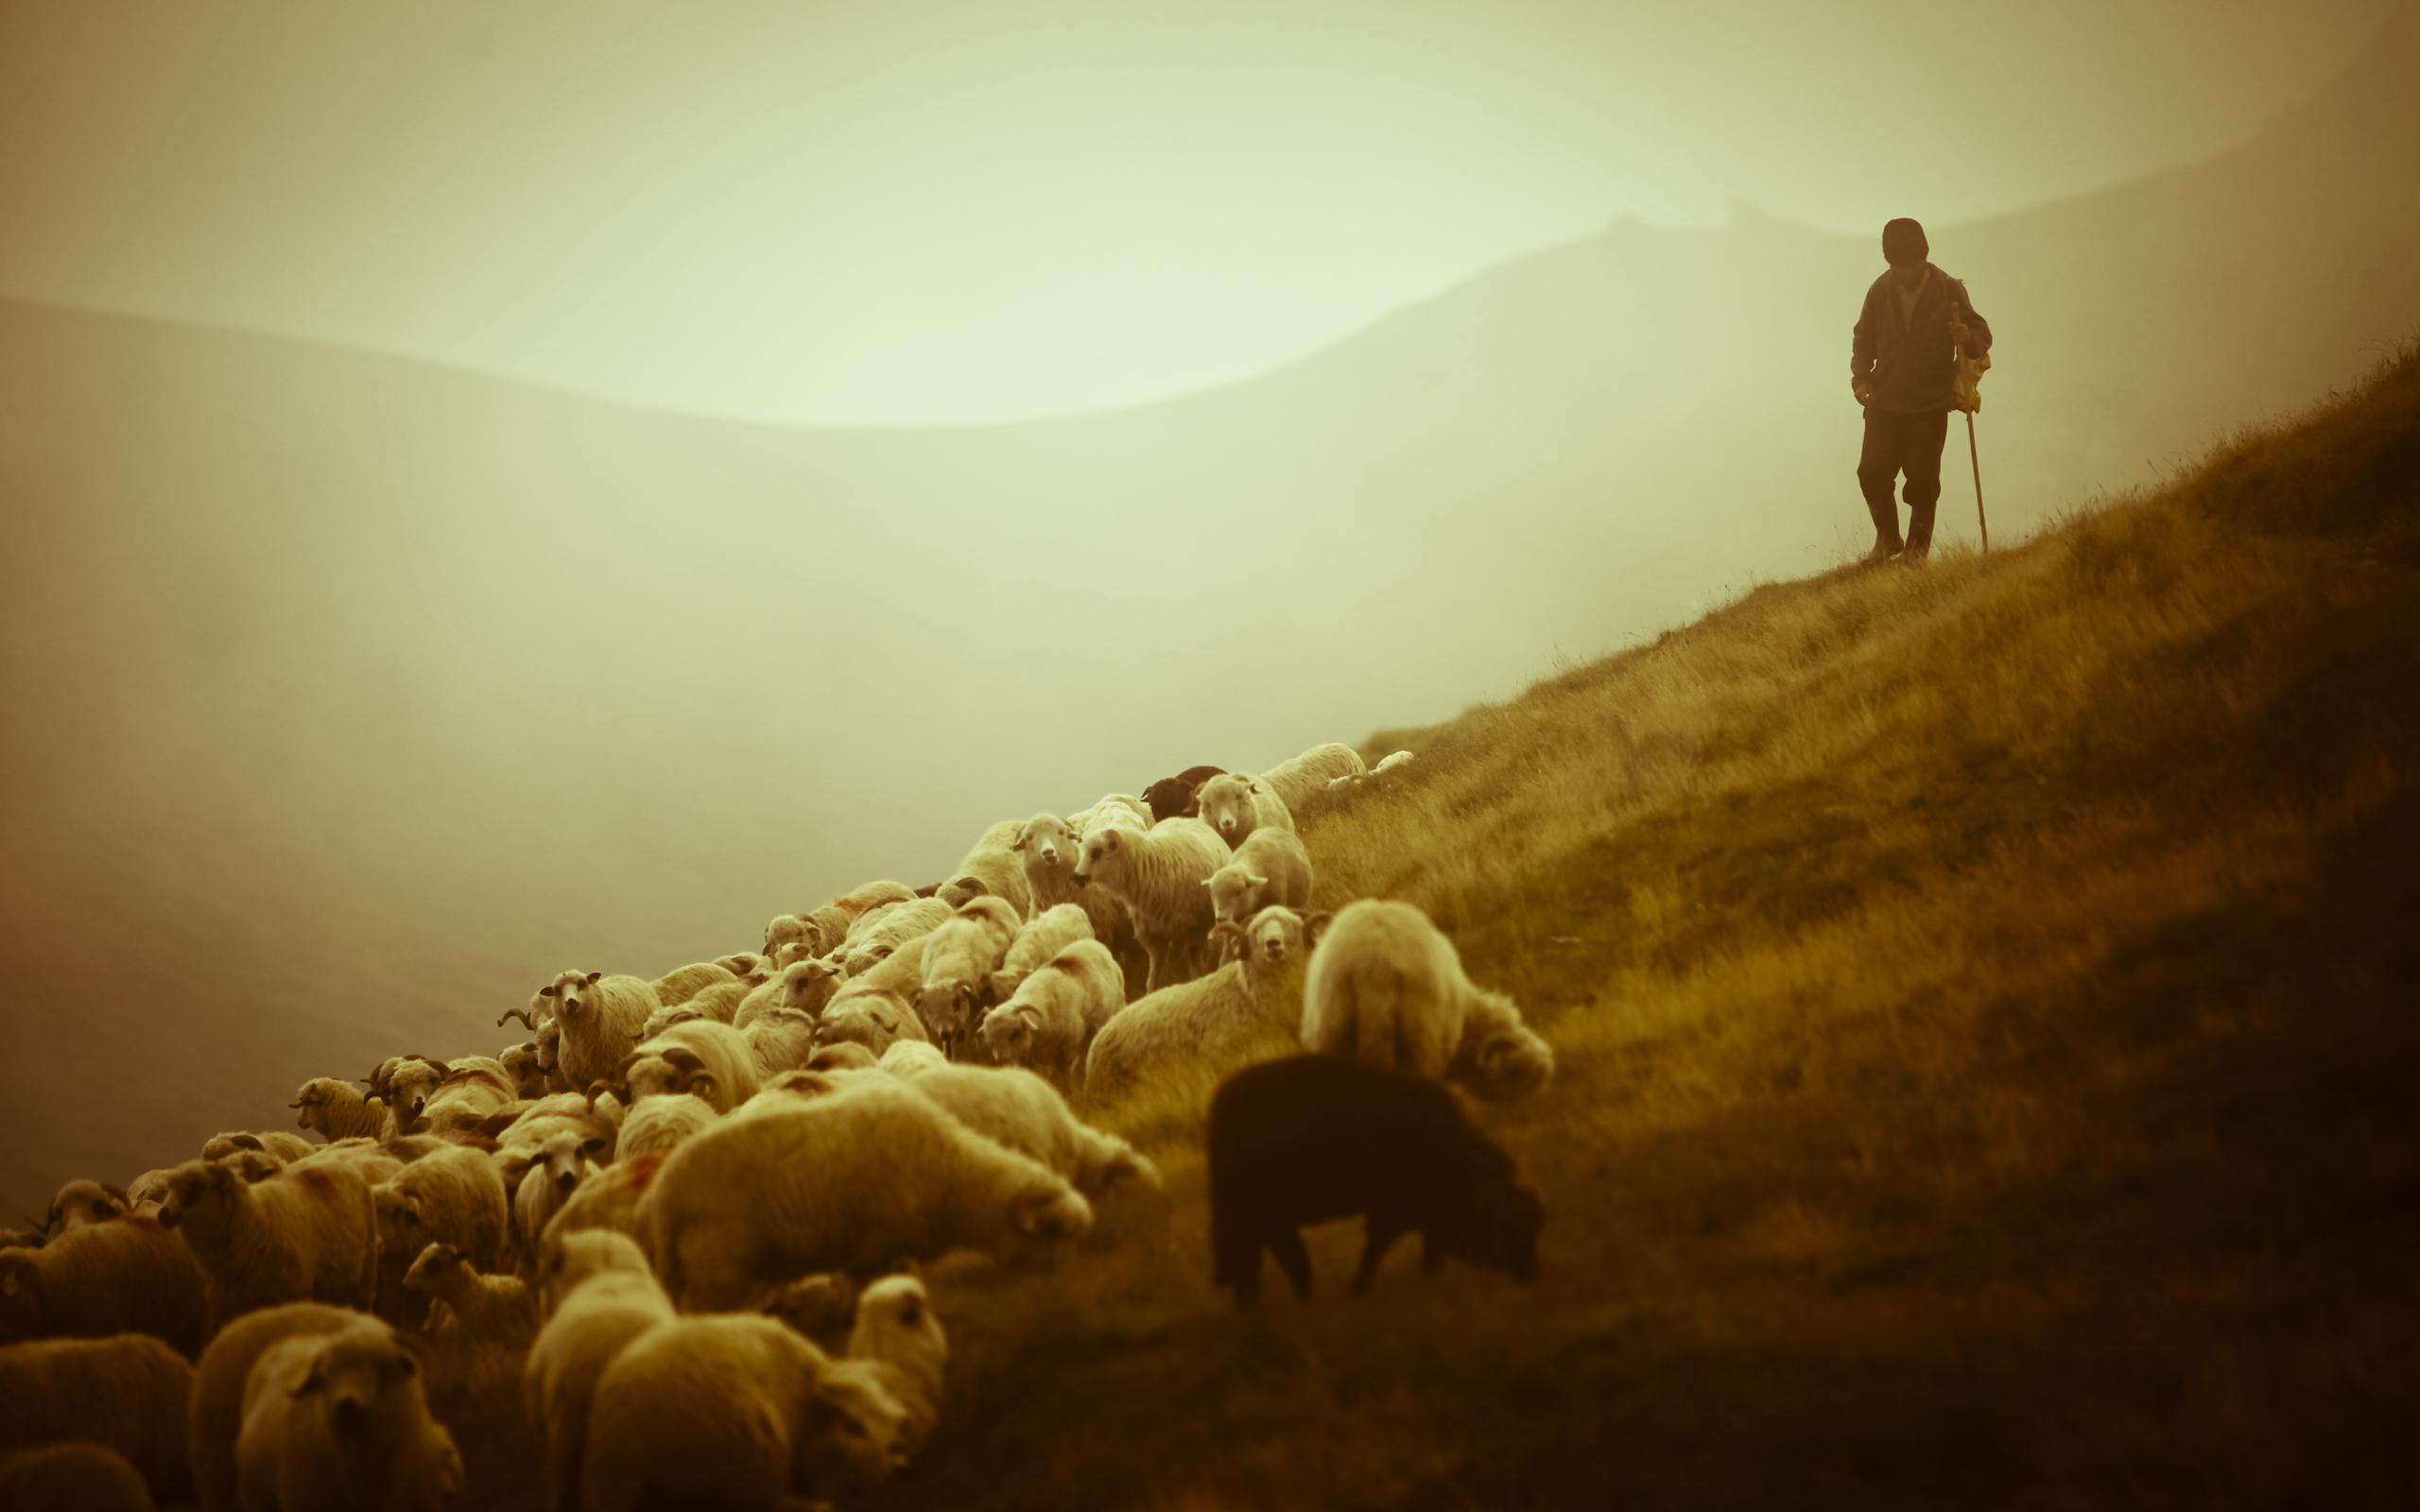 31461 Hintergrundbild herunterladen Tiere, Menschen, Männer, Rams - Bildschirmschoner und Bilder kostenlos